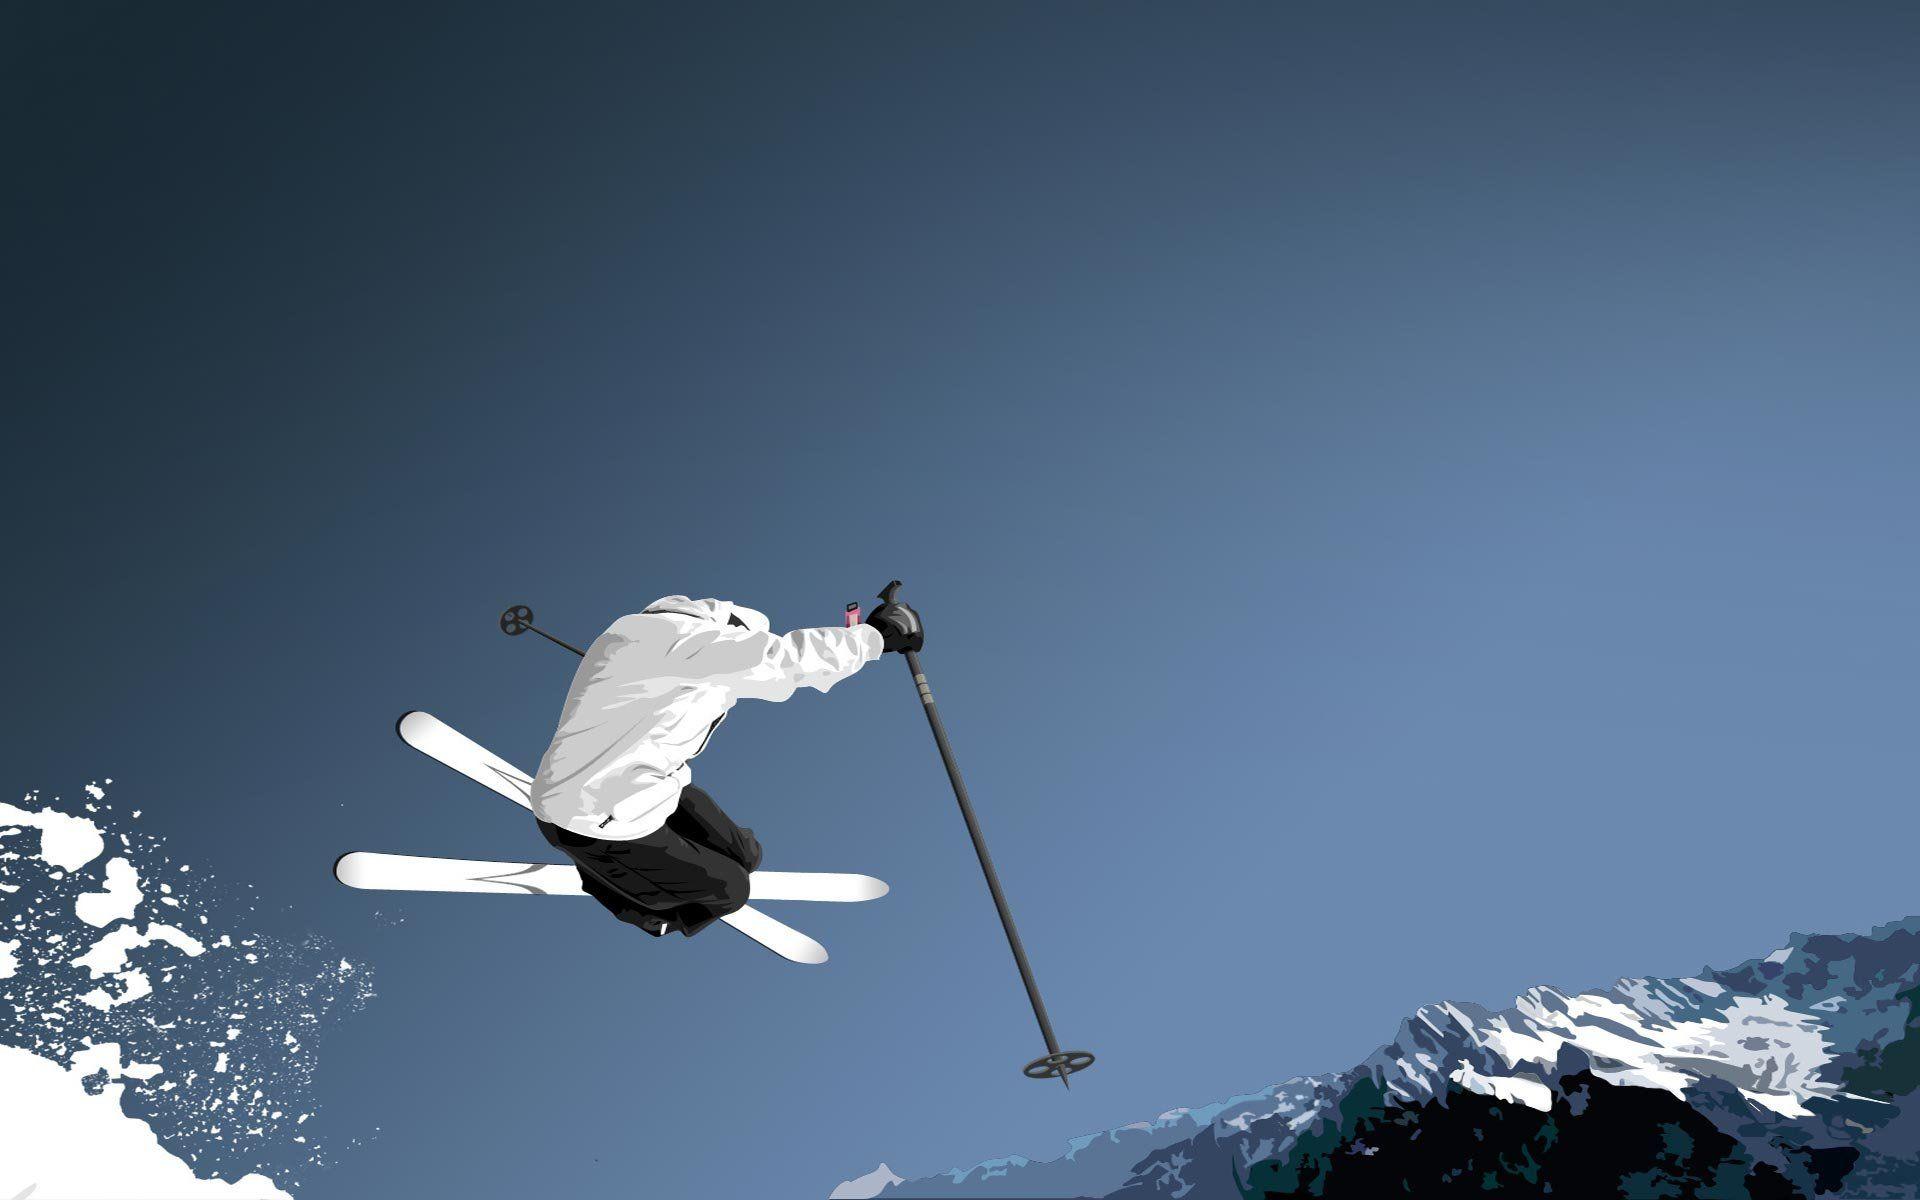 swiss winter fun switzerland ski vacation switzerland 1920×1080 ski